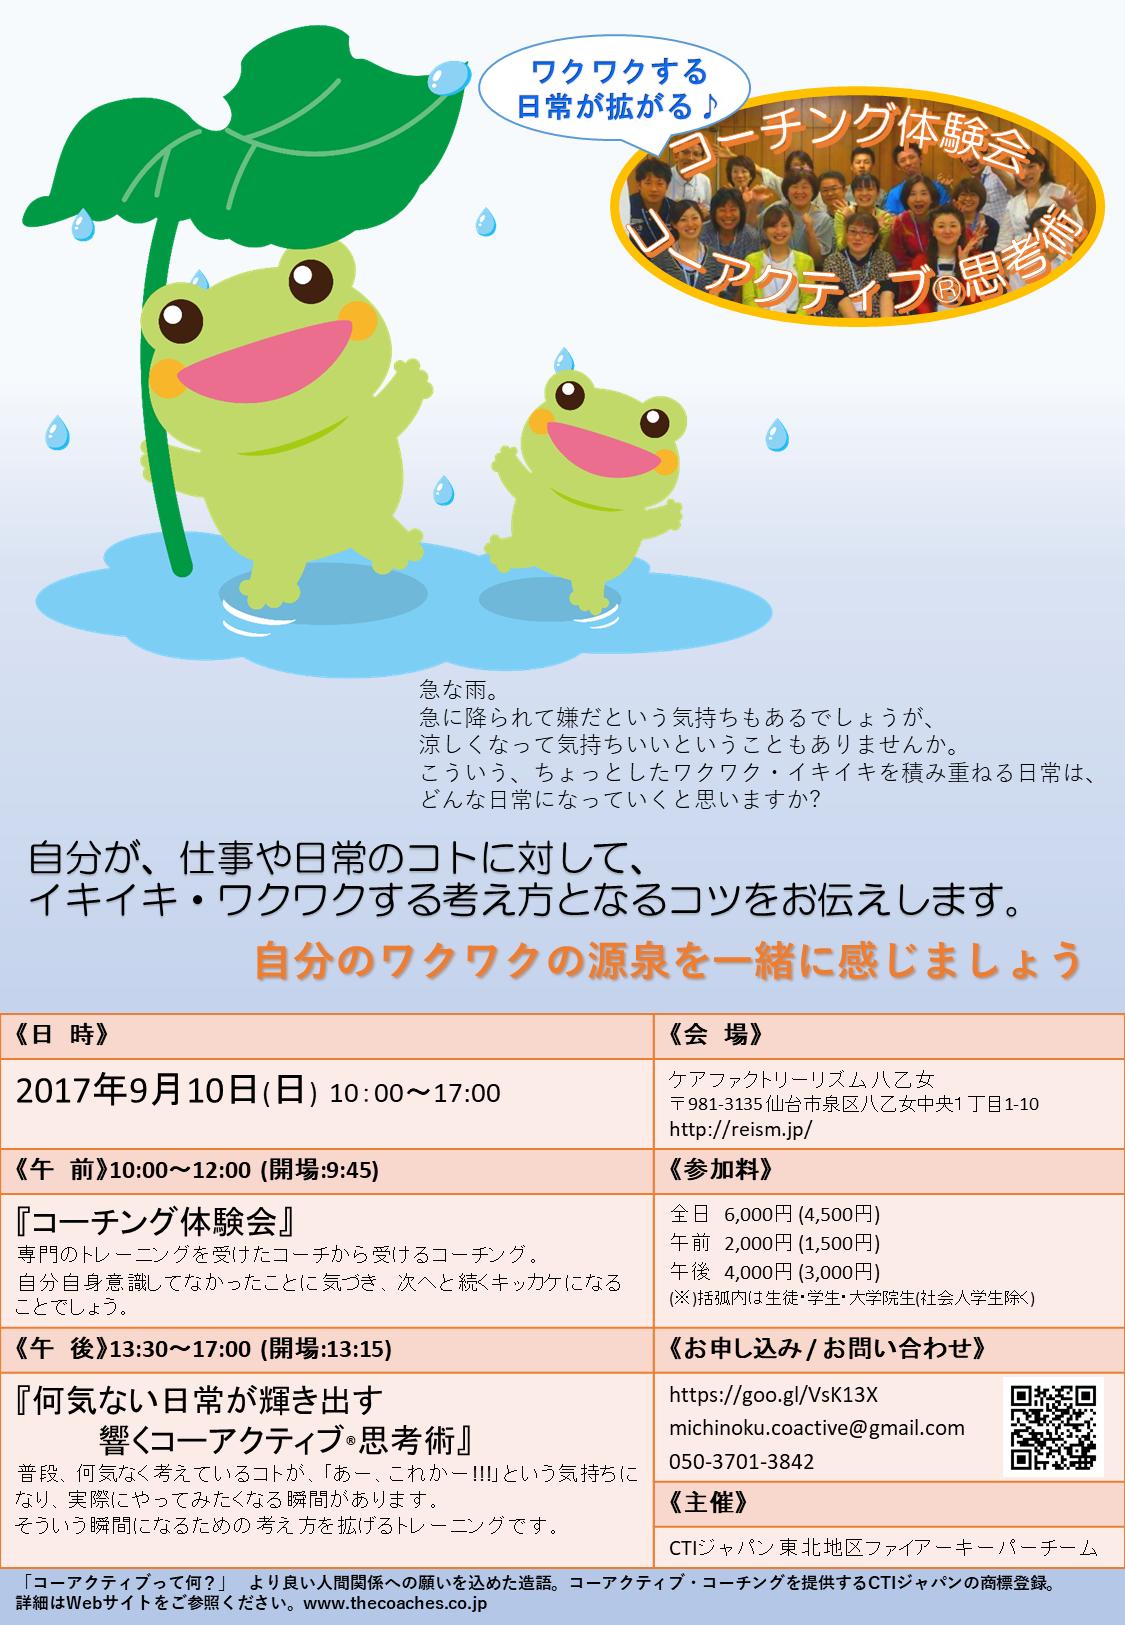 (2017/9/10)ワクワクする日常が拡がる♪「コーチング体験会&コーアクティブ®思考術」in仙台を開催です